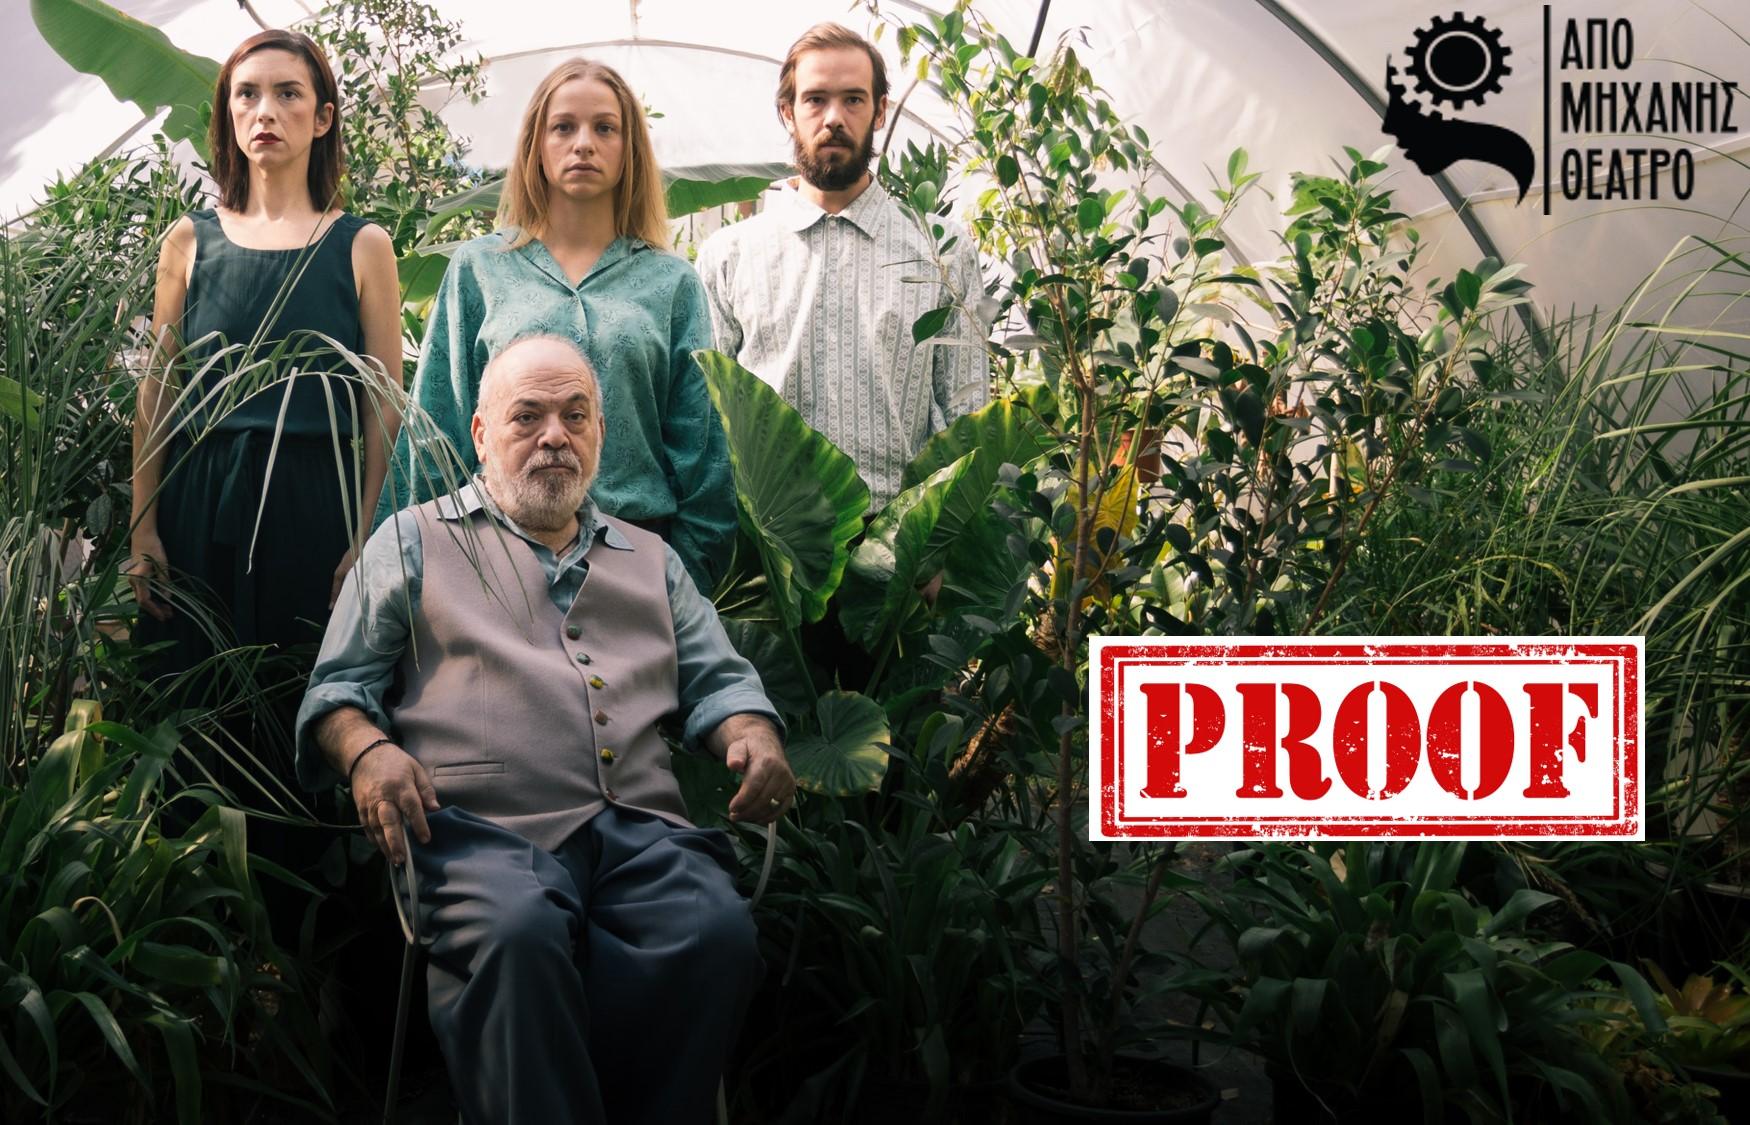 8€ από 13€ για είσοδο στην βραβευμένη παράσταση ''Proof'' στο θέατρο ''Από Μηχανής'', με τους Χρ.Βαλαβανίδη, Ελ.Στραβοδήμου, Ά.Ελεφάντη, Χρ.Καπενή